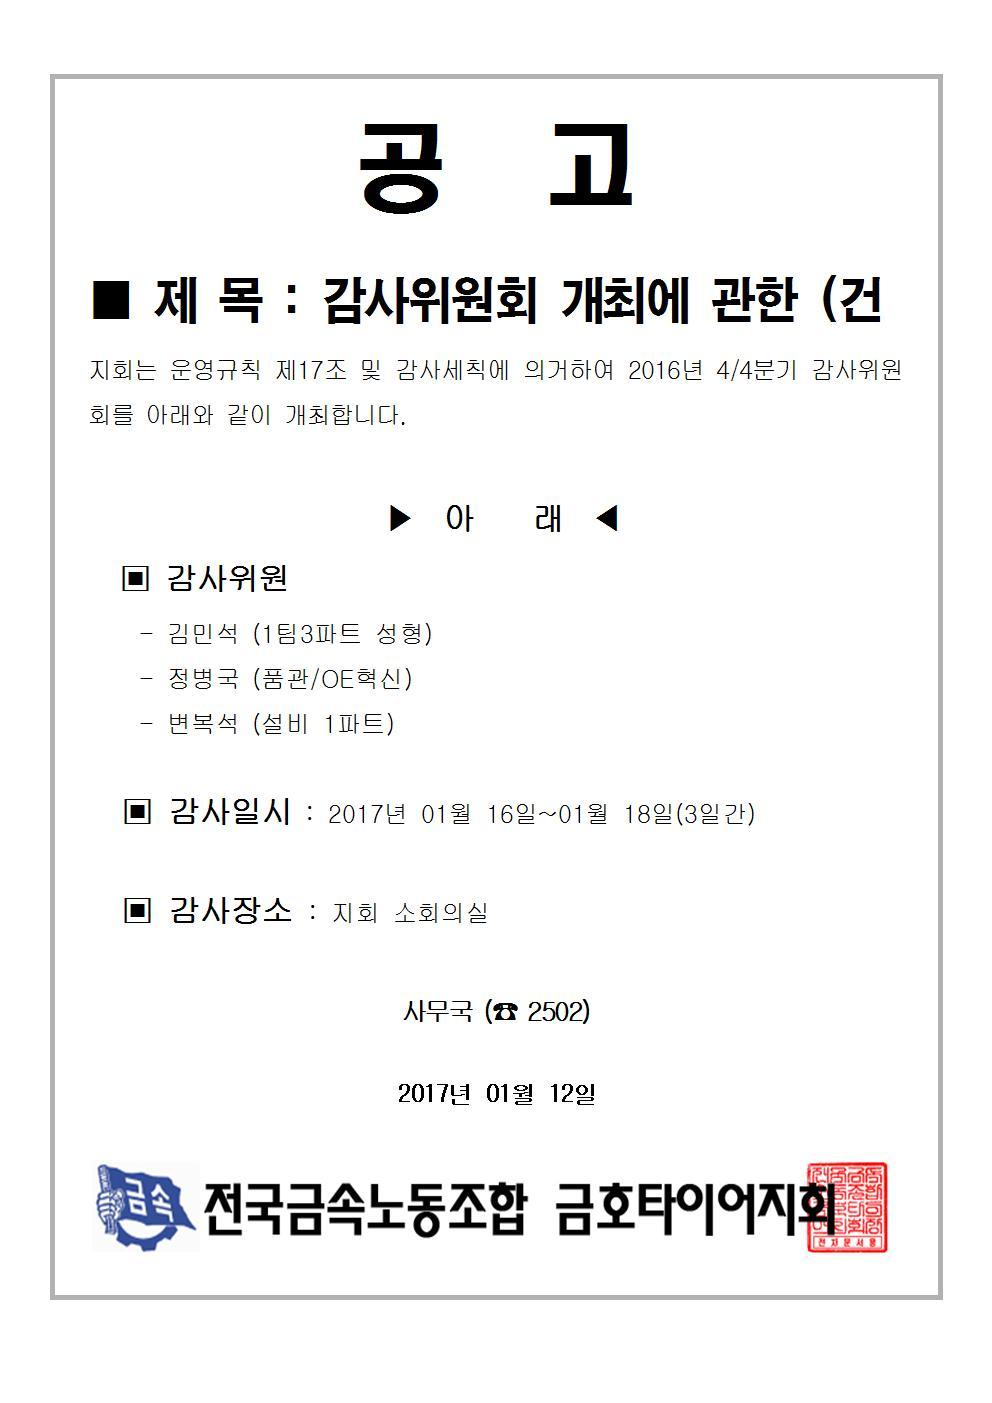 16년 4분기 회계감사 개최(건001.jpg